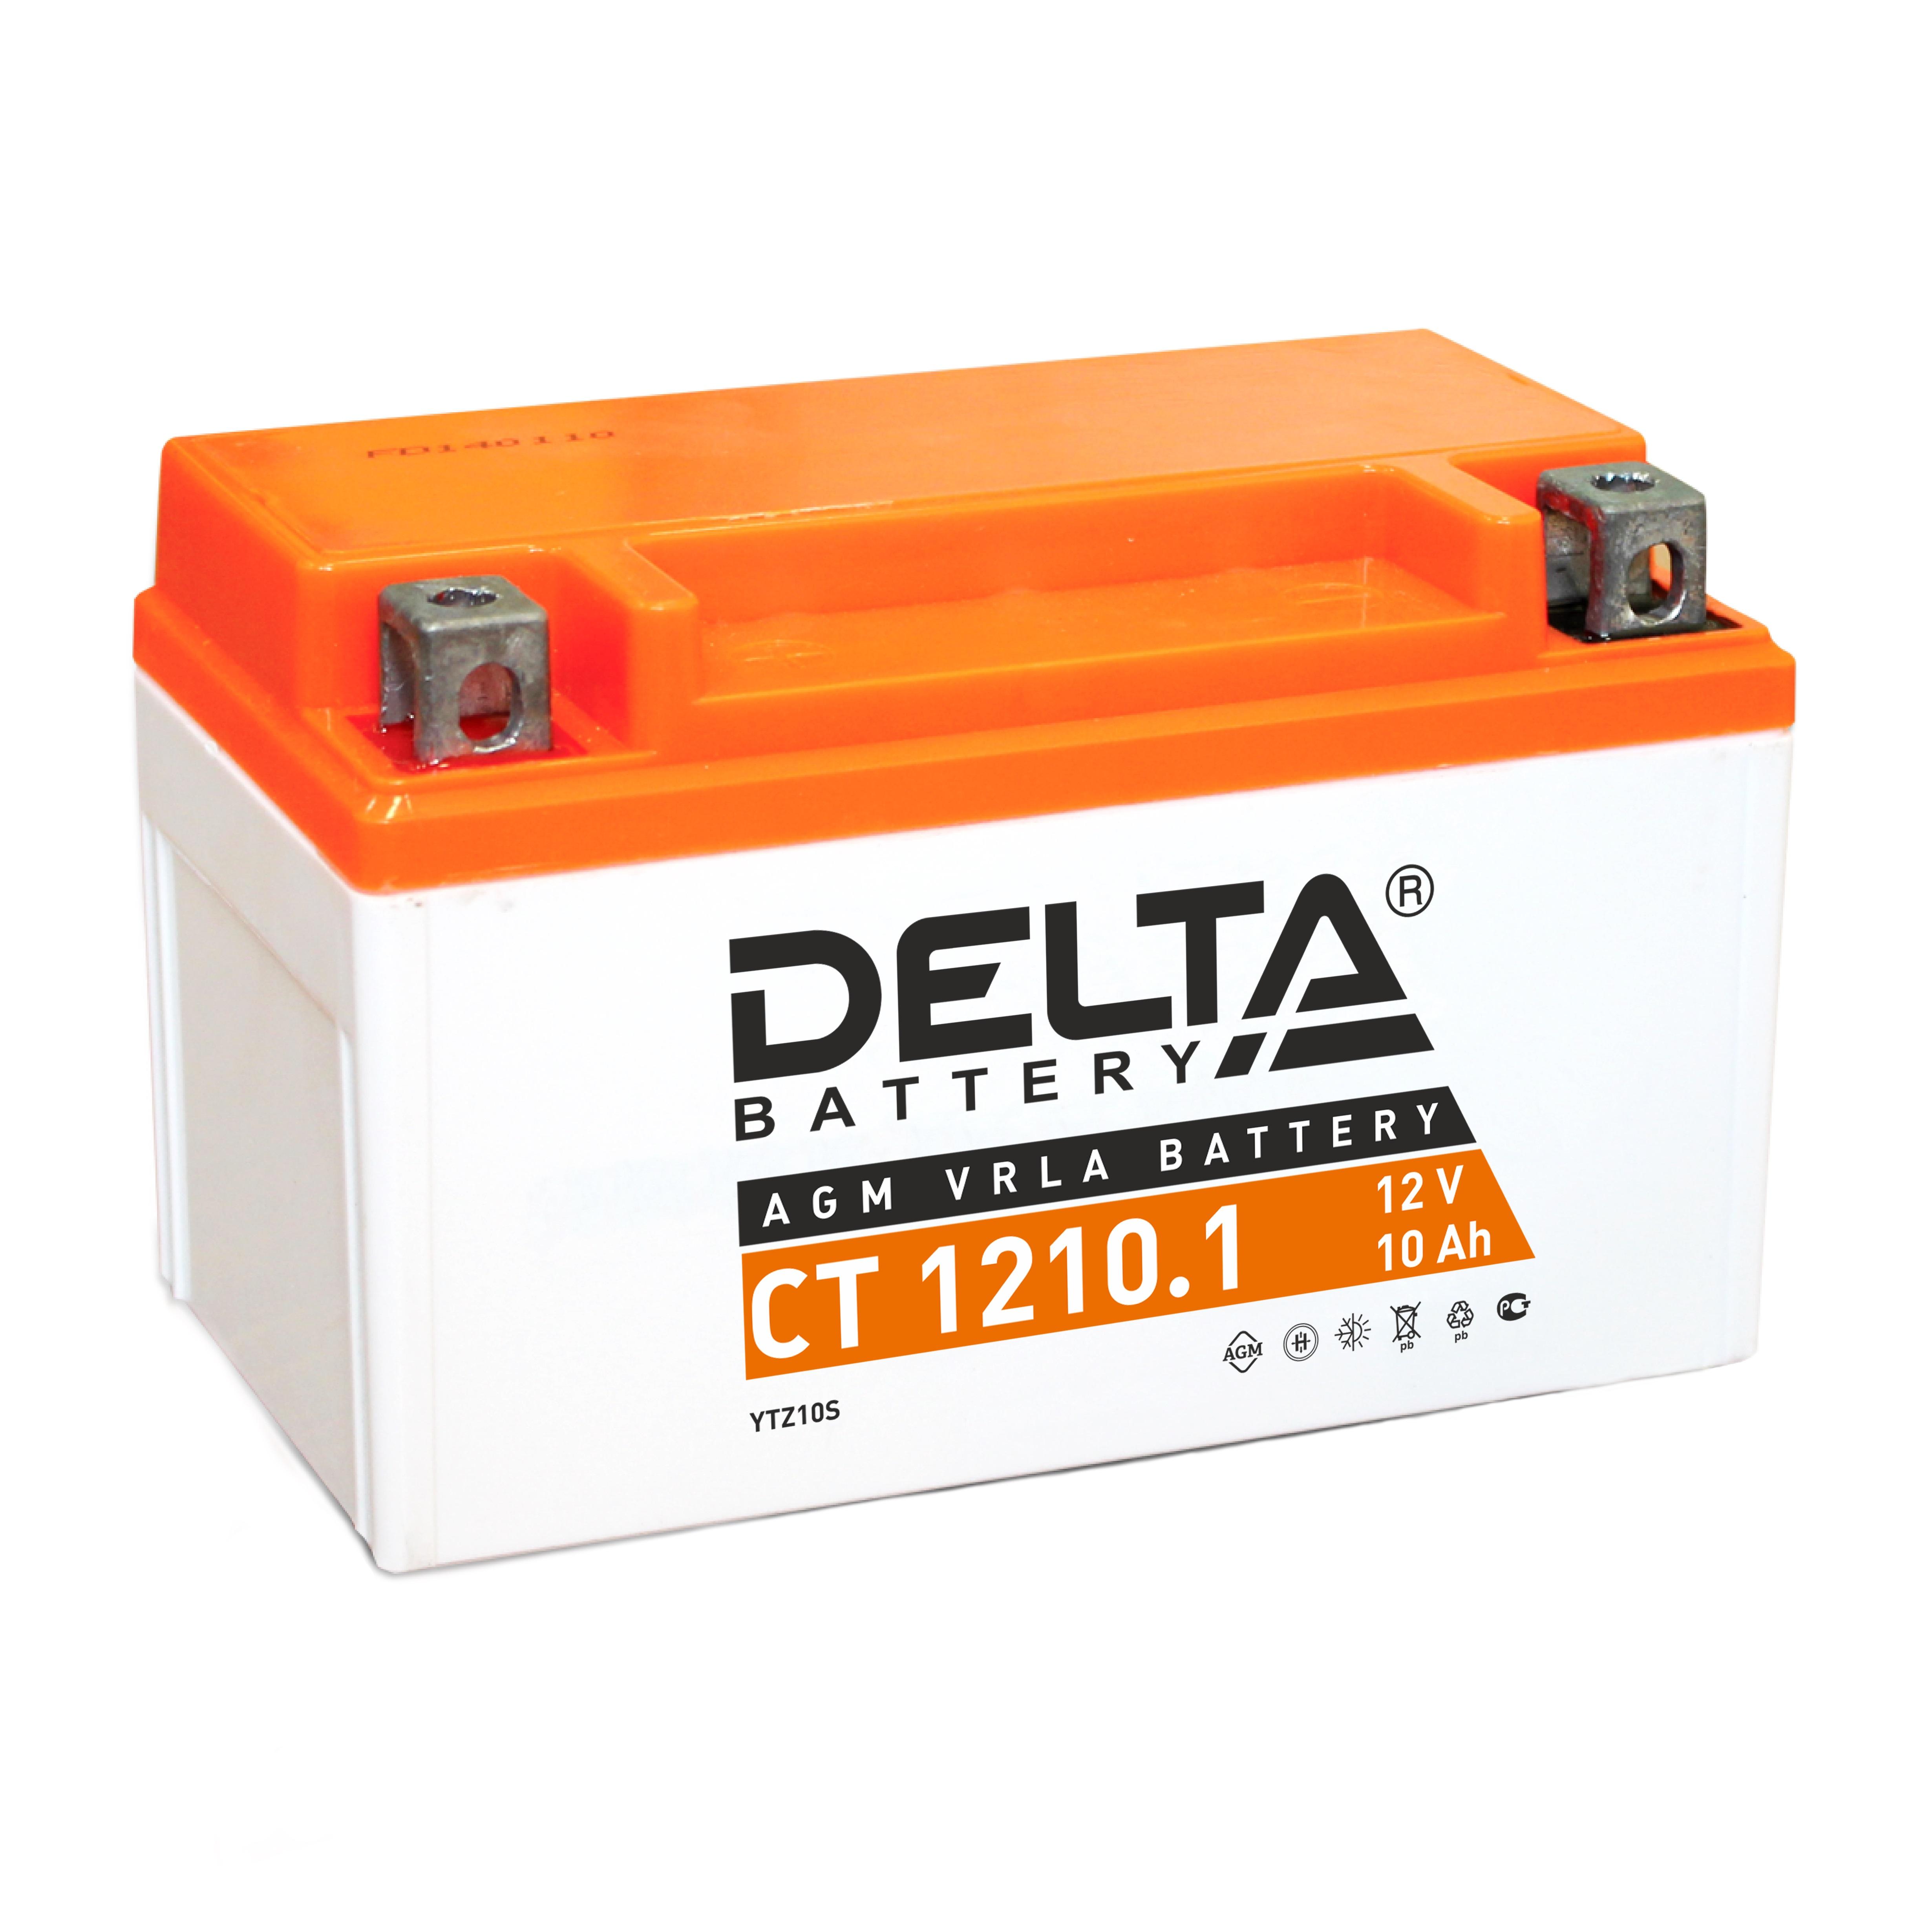 Аккумулятор автомобильный автомобильный Delta CT 1210.1 10 Ач фото